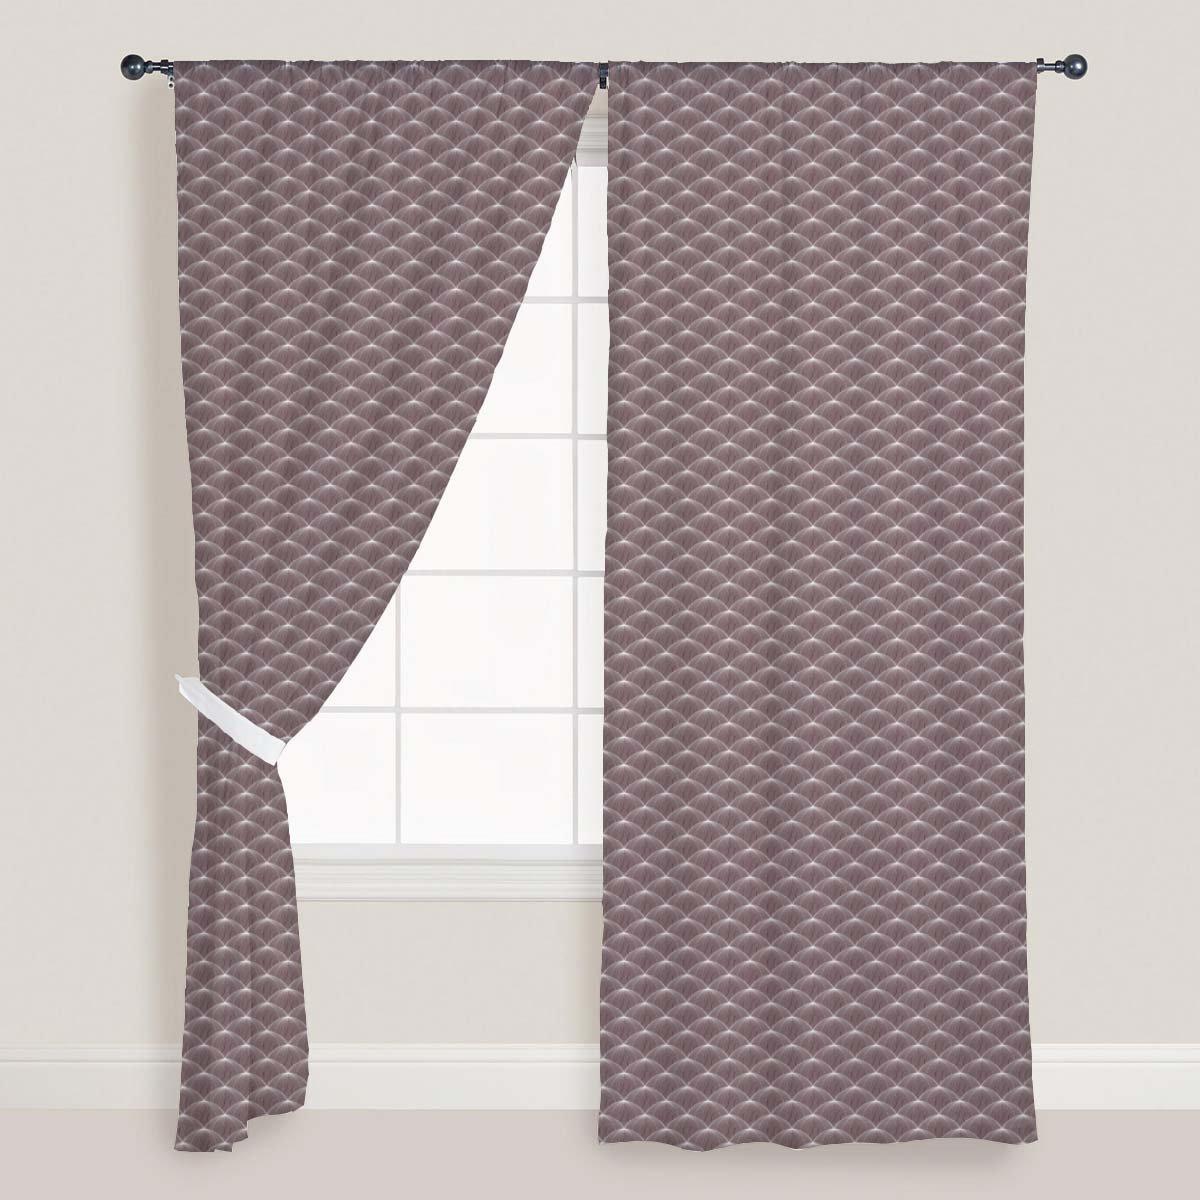 AZ Stylized Balls Door & Window Curtain Satin 4feet x 7feet; SET OF 3 PCS